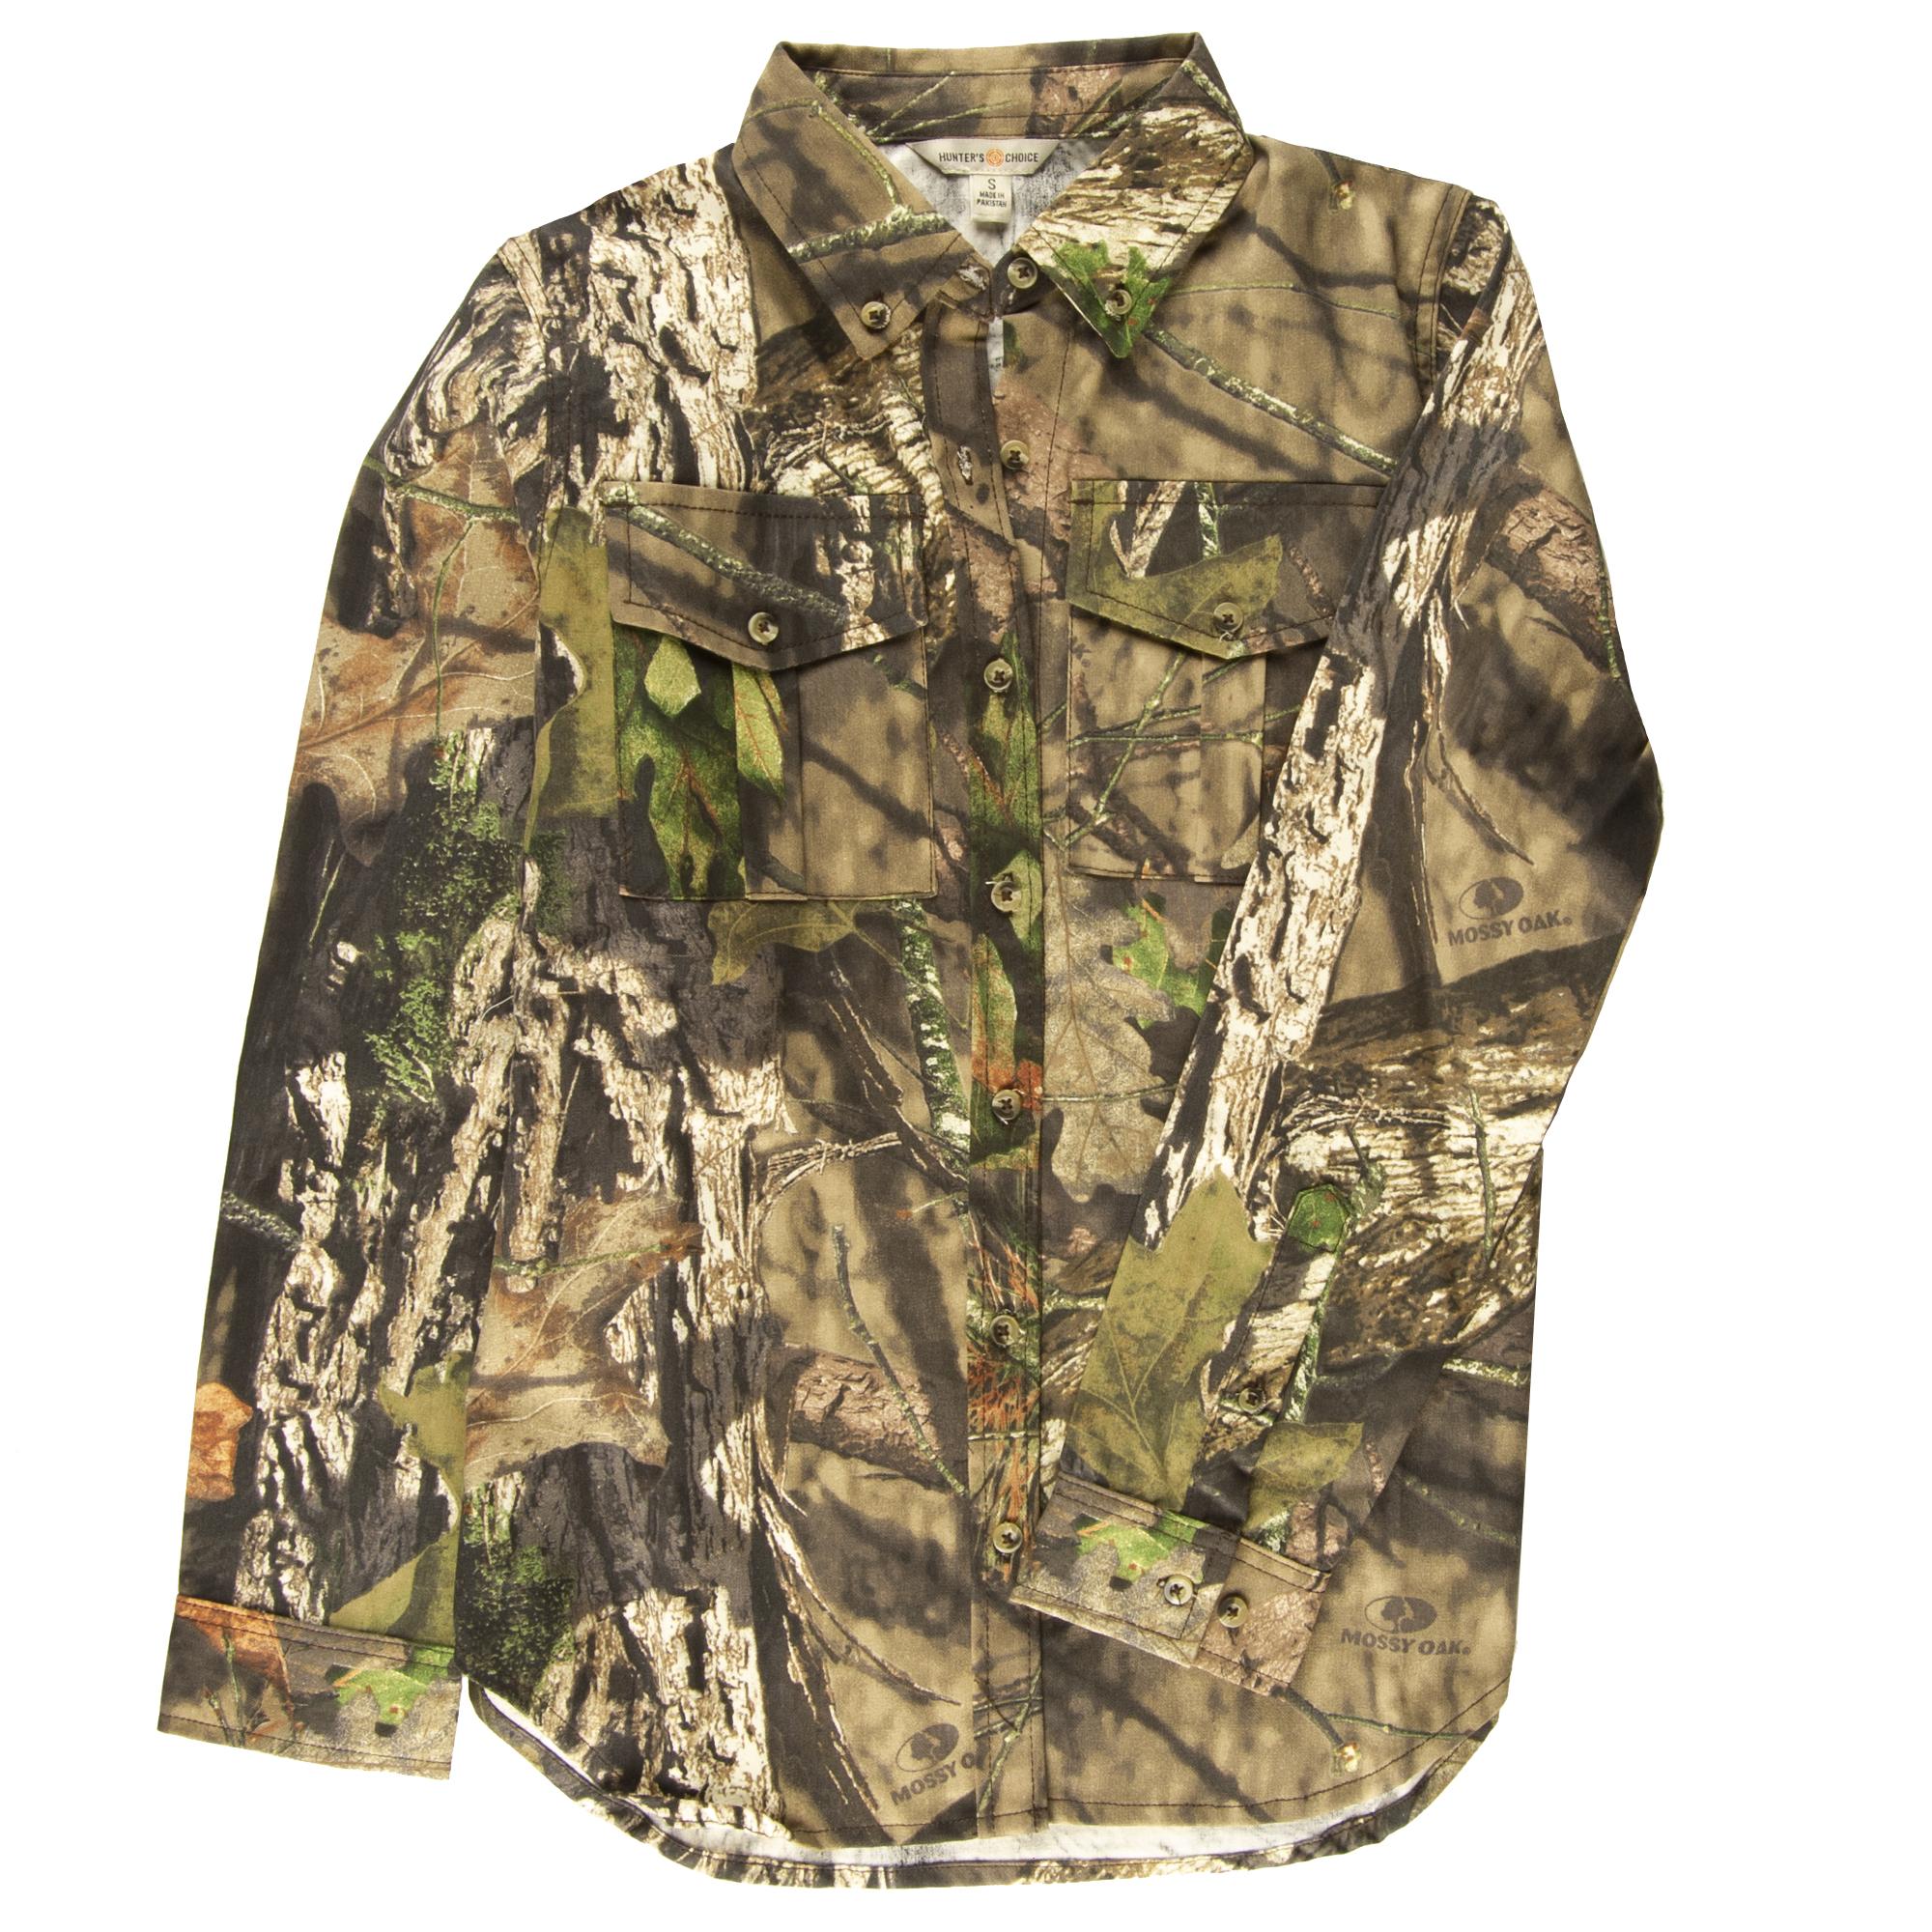 Hunter's Choice Women's Camo Button-Up Shirt, Mossy Oak Break-Up Country